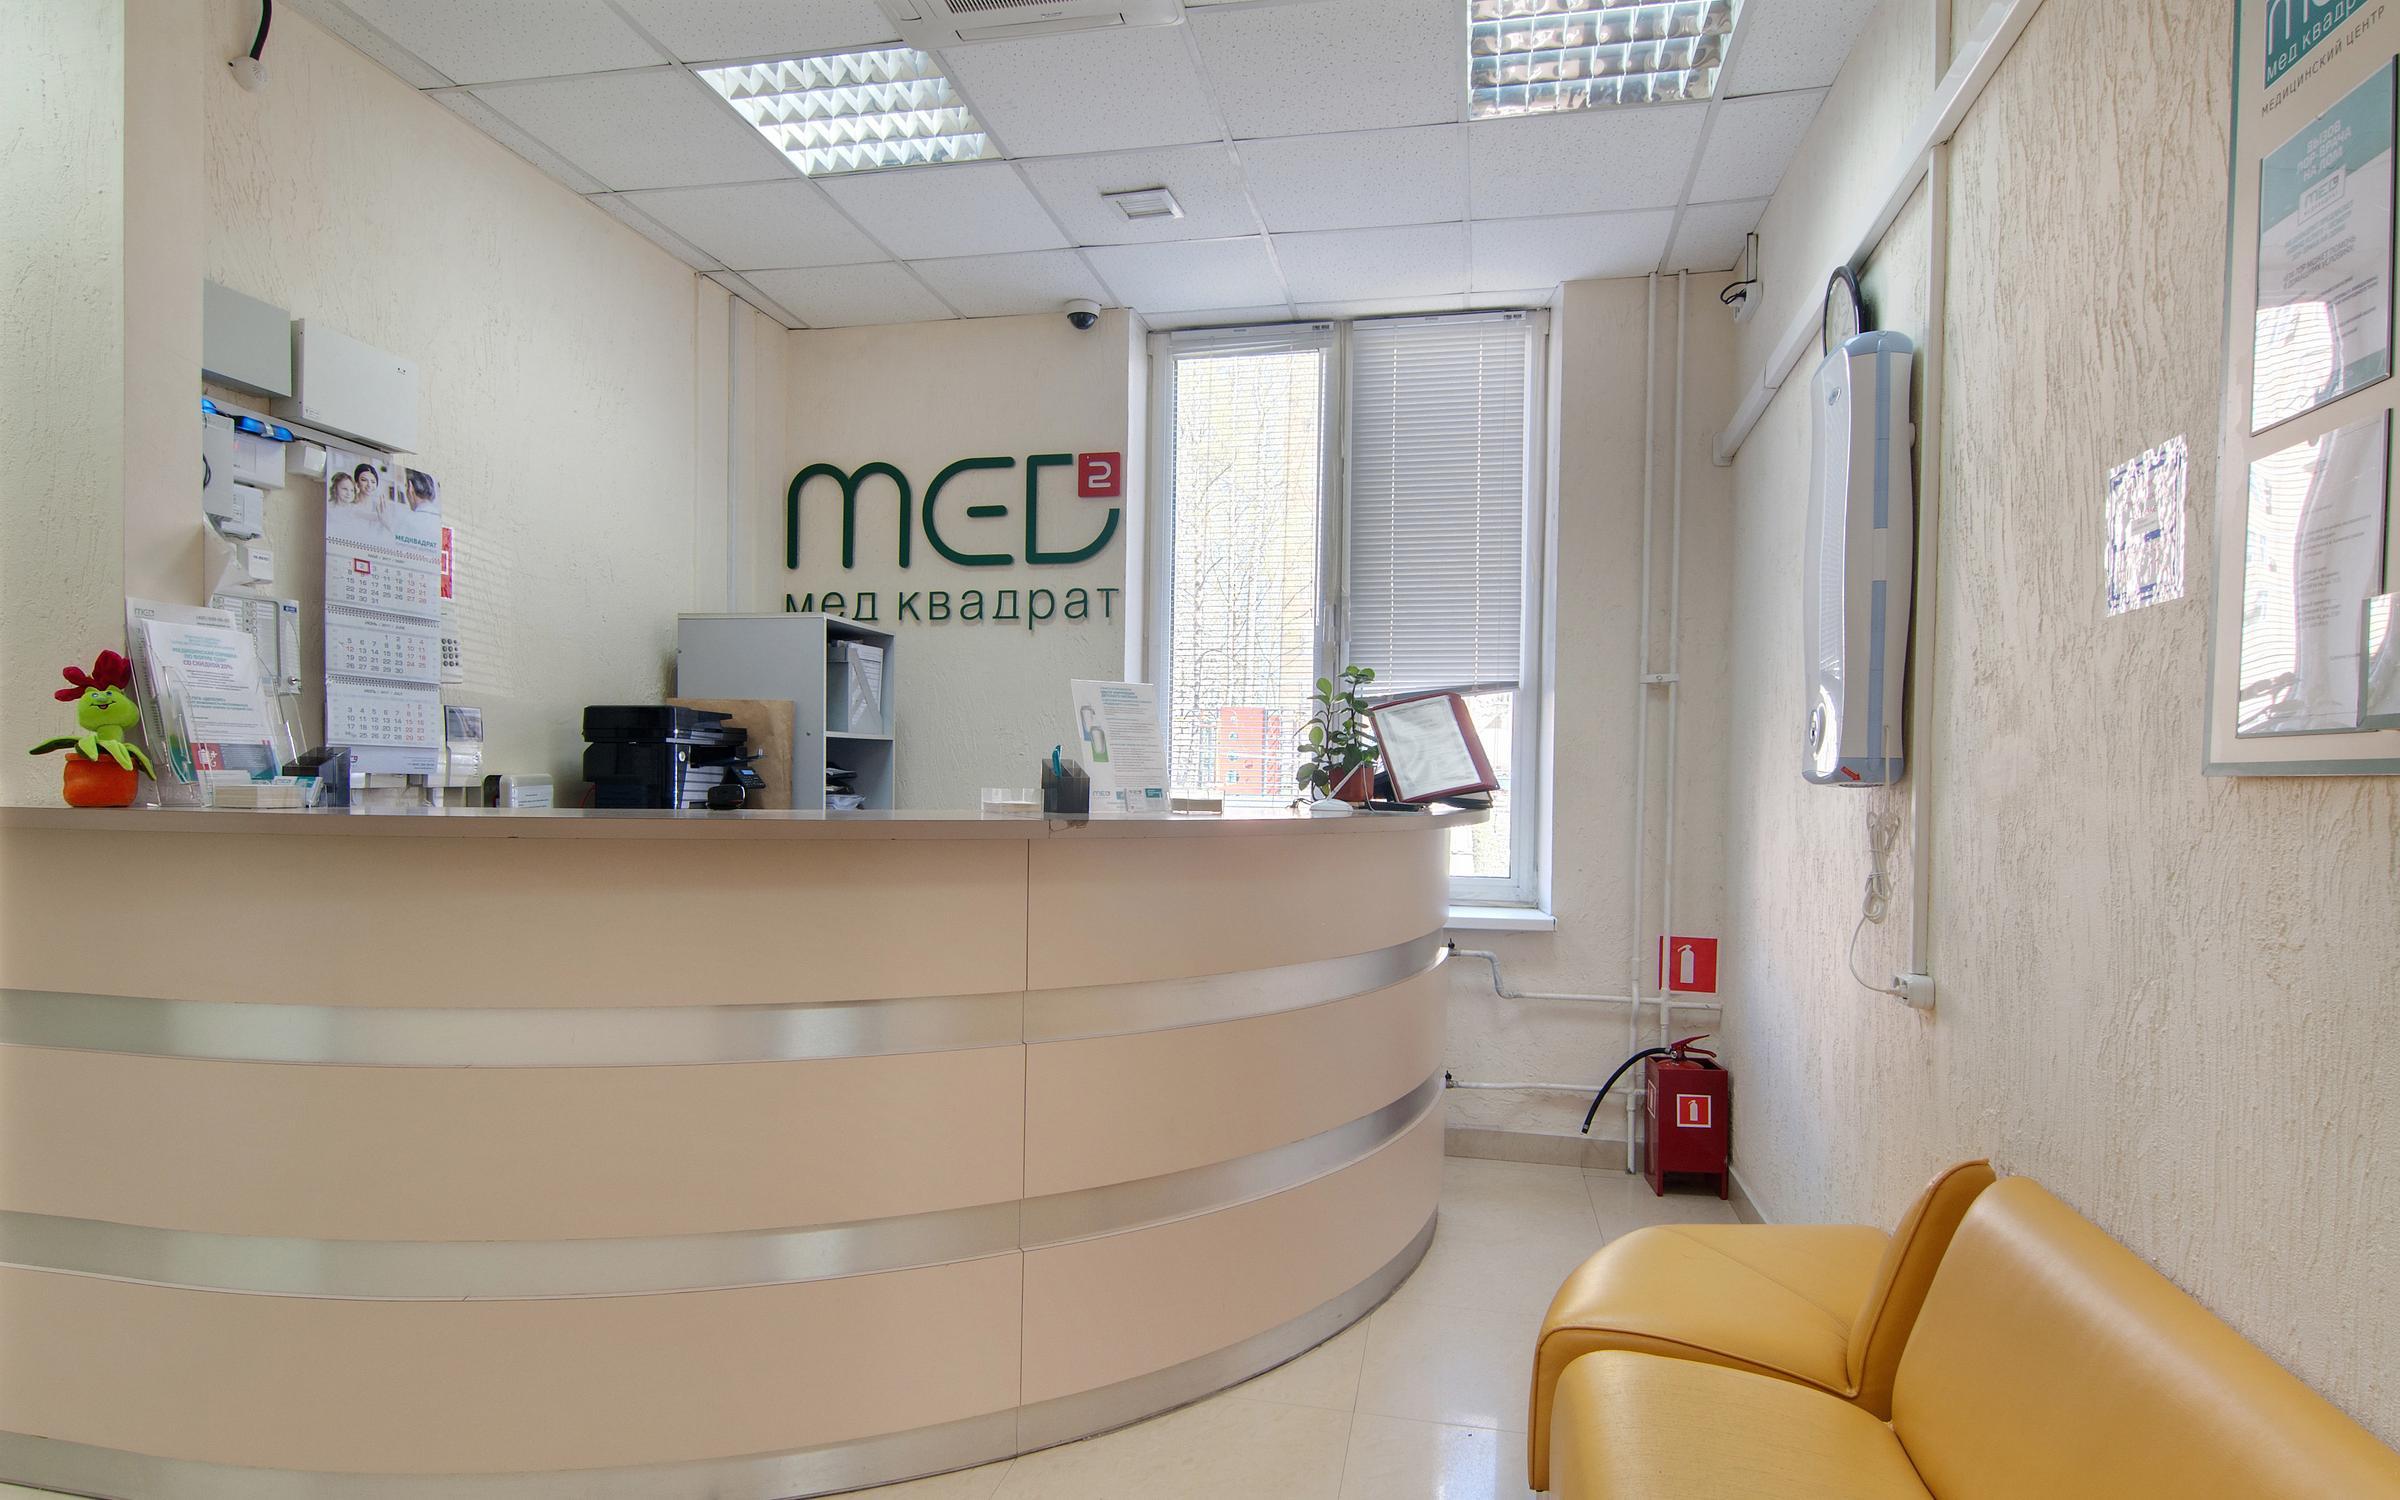 фотография Многопрофильного медицинского центра Медквадрат на метро Пятницкое шоссе